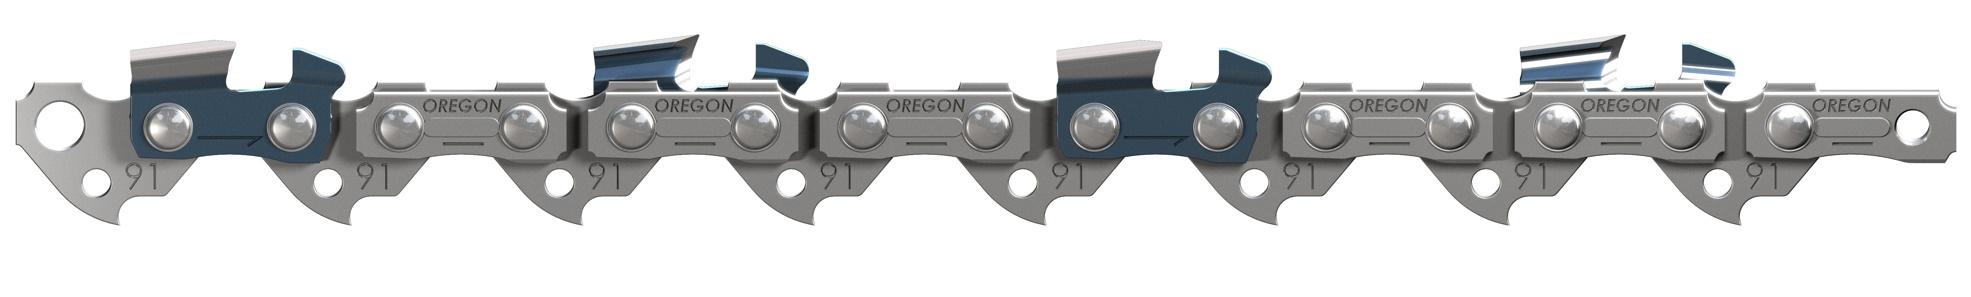 Oregon láncfűrész lánc 91VLX